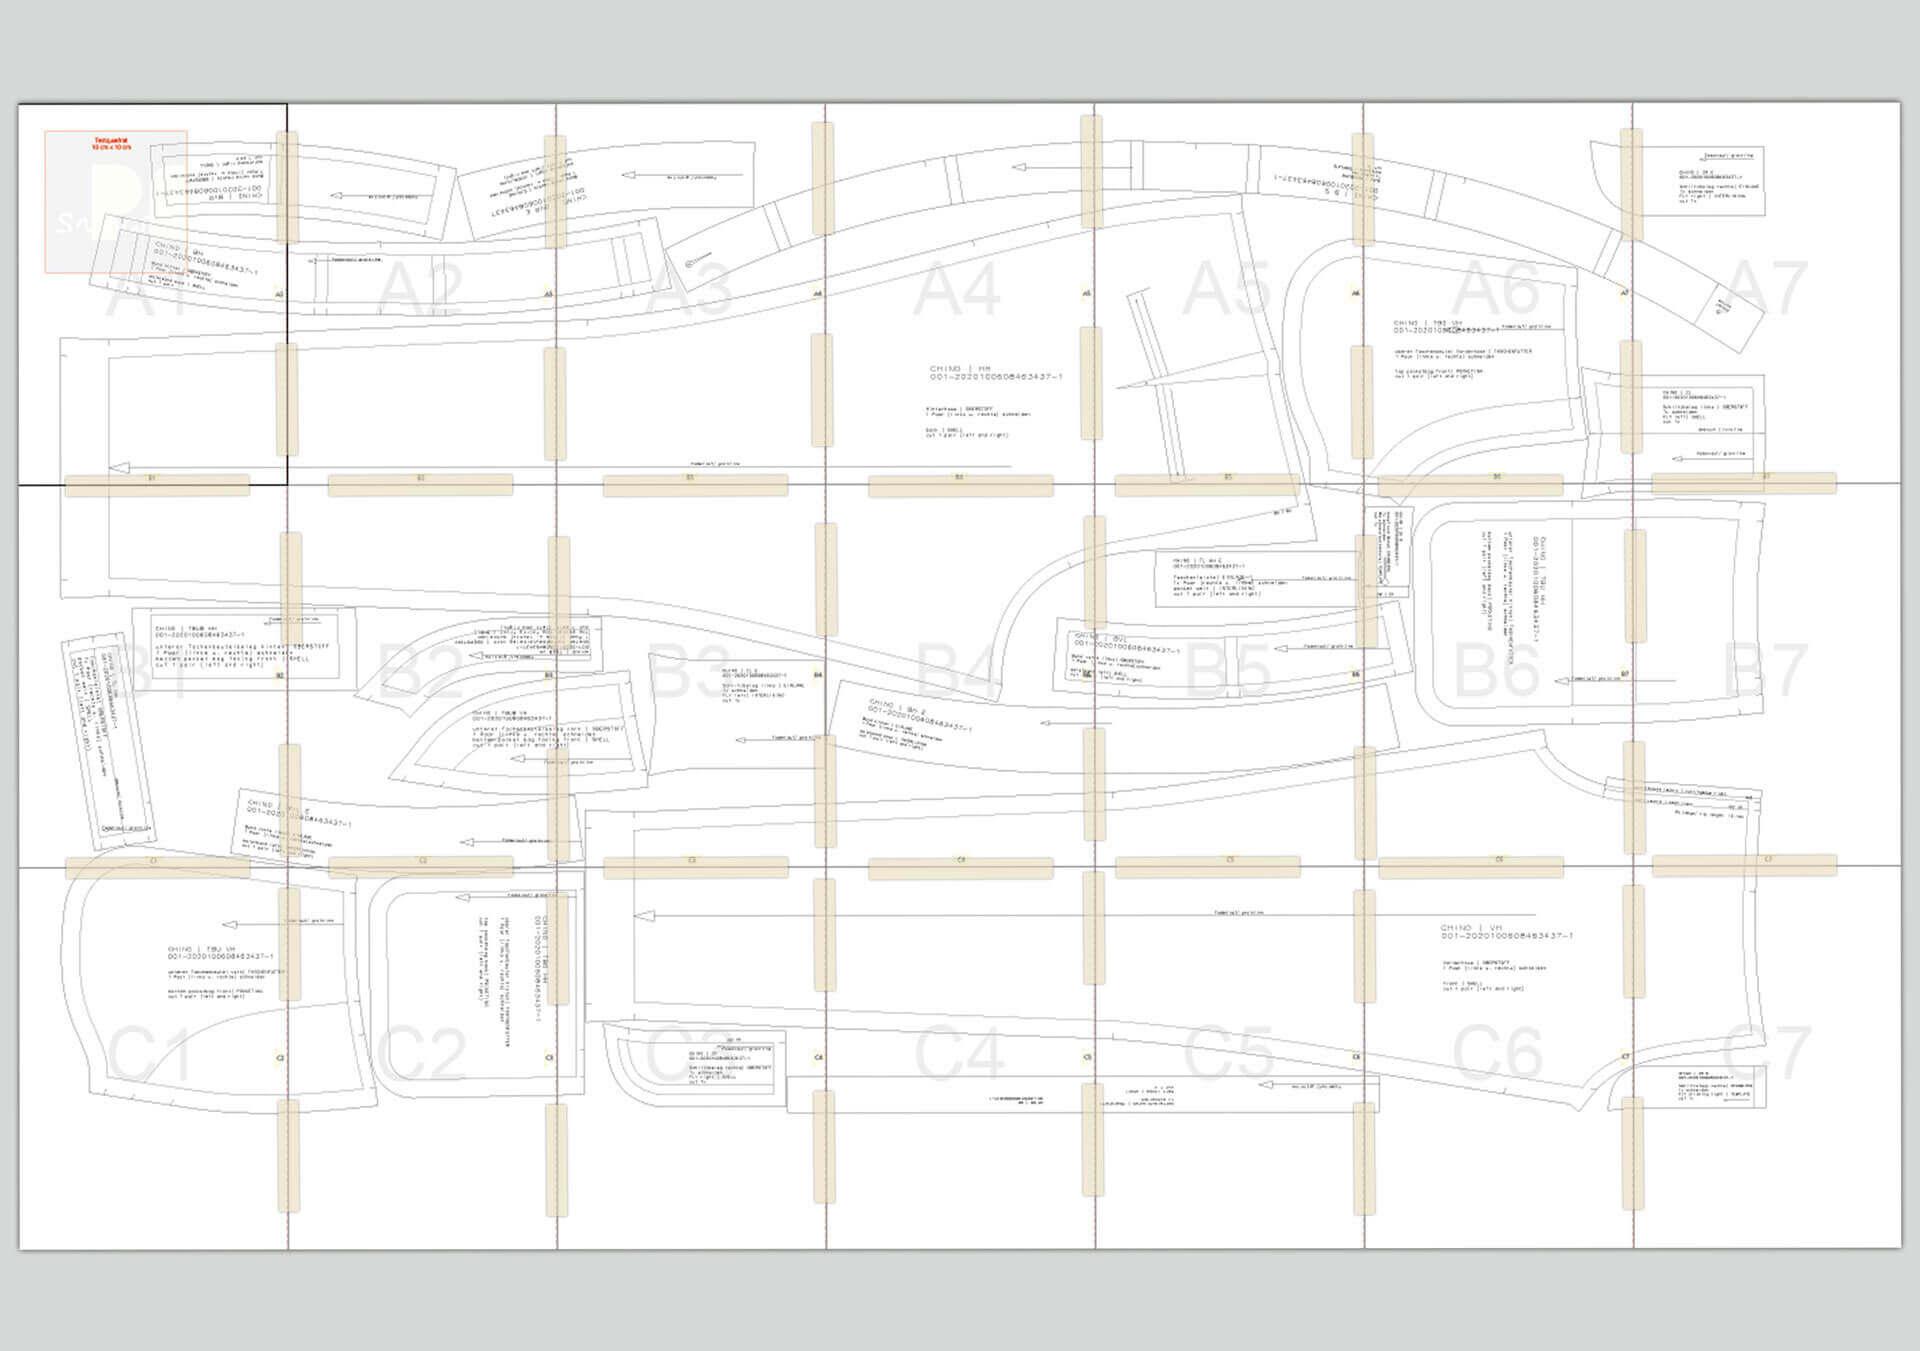 komplett mit Tesa zusammengesetztes Schnittmuster aus 21 A4 Seiten für eine Chino Masshose